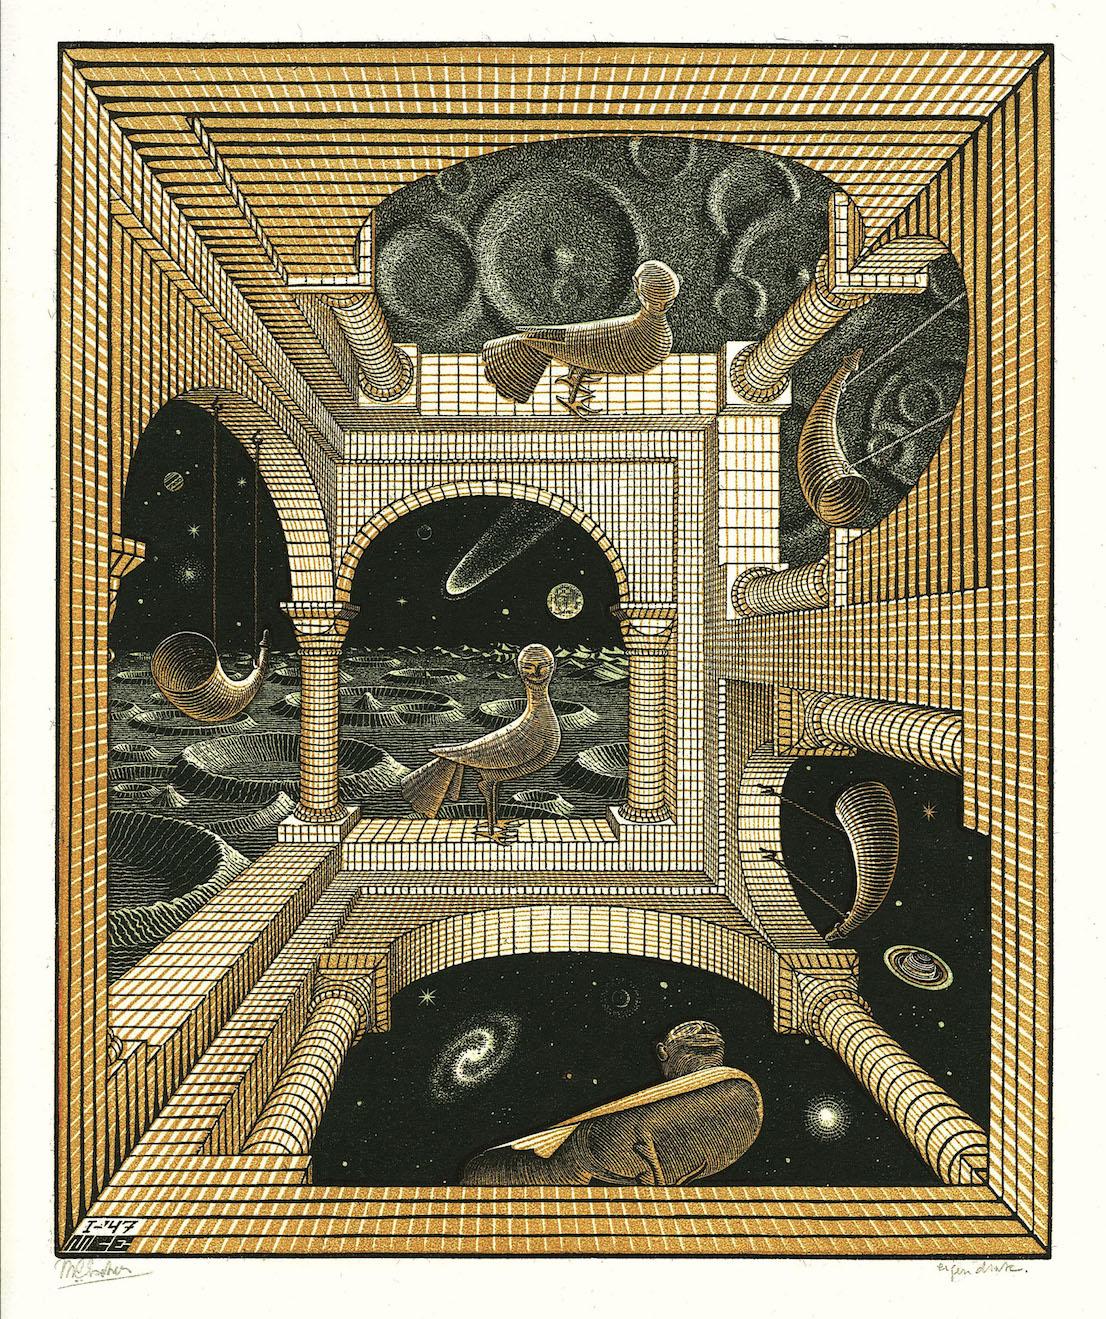 Maurits Cornelis Escher Altro mondo II 1947 litografia cm 31,8 x 26,1 Collezione privata All M.C. Escher works © 2014 The M.C. Escher Company. All rights reserved www.mcescher.com